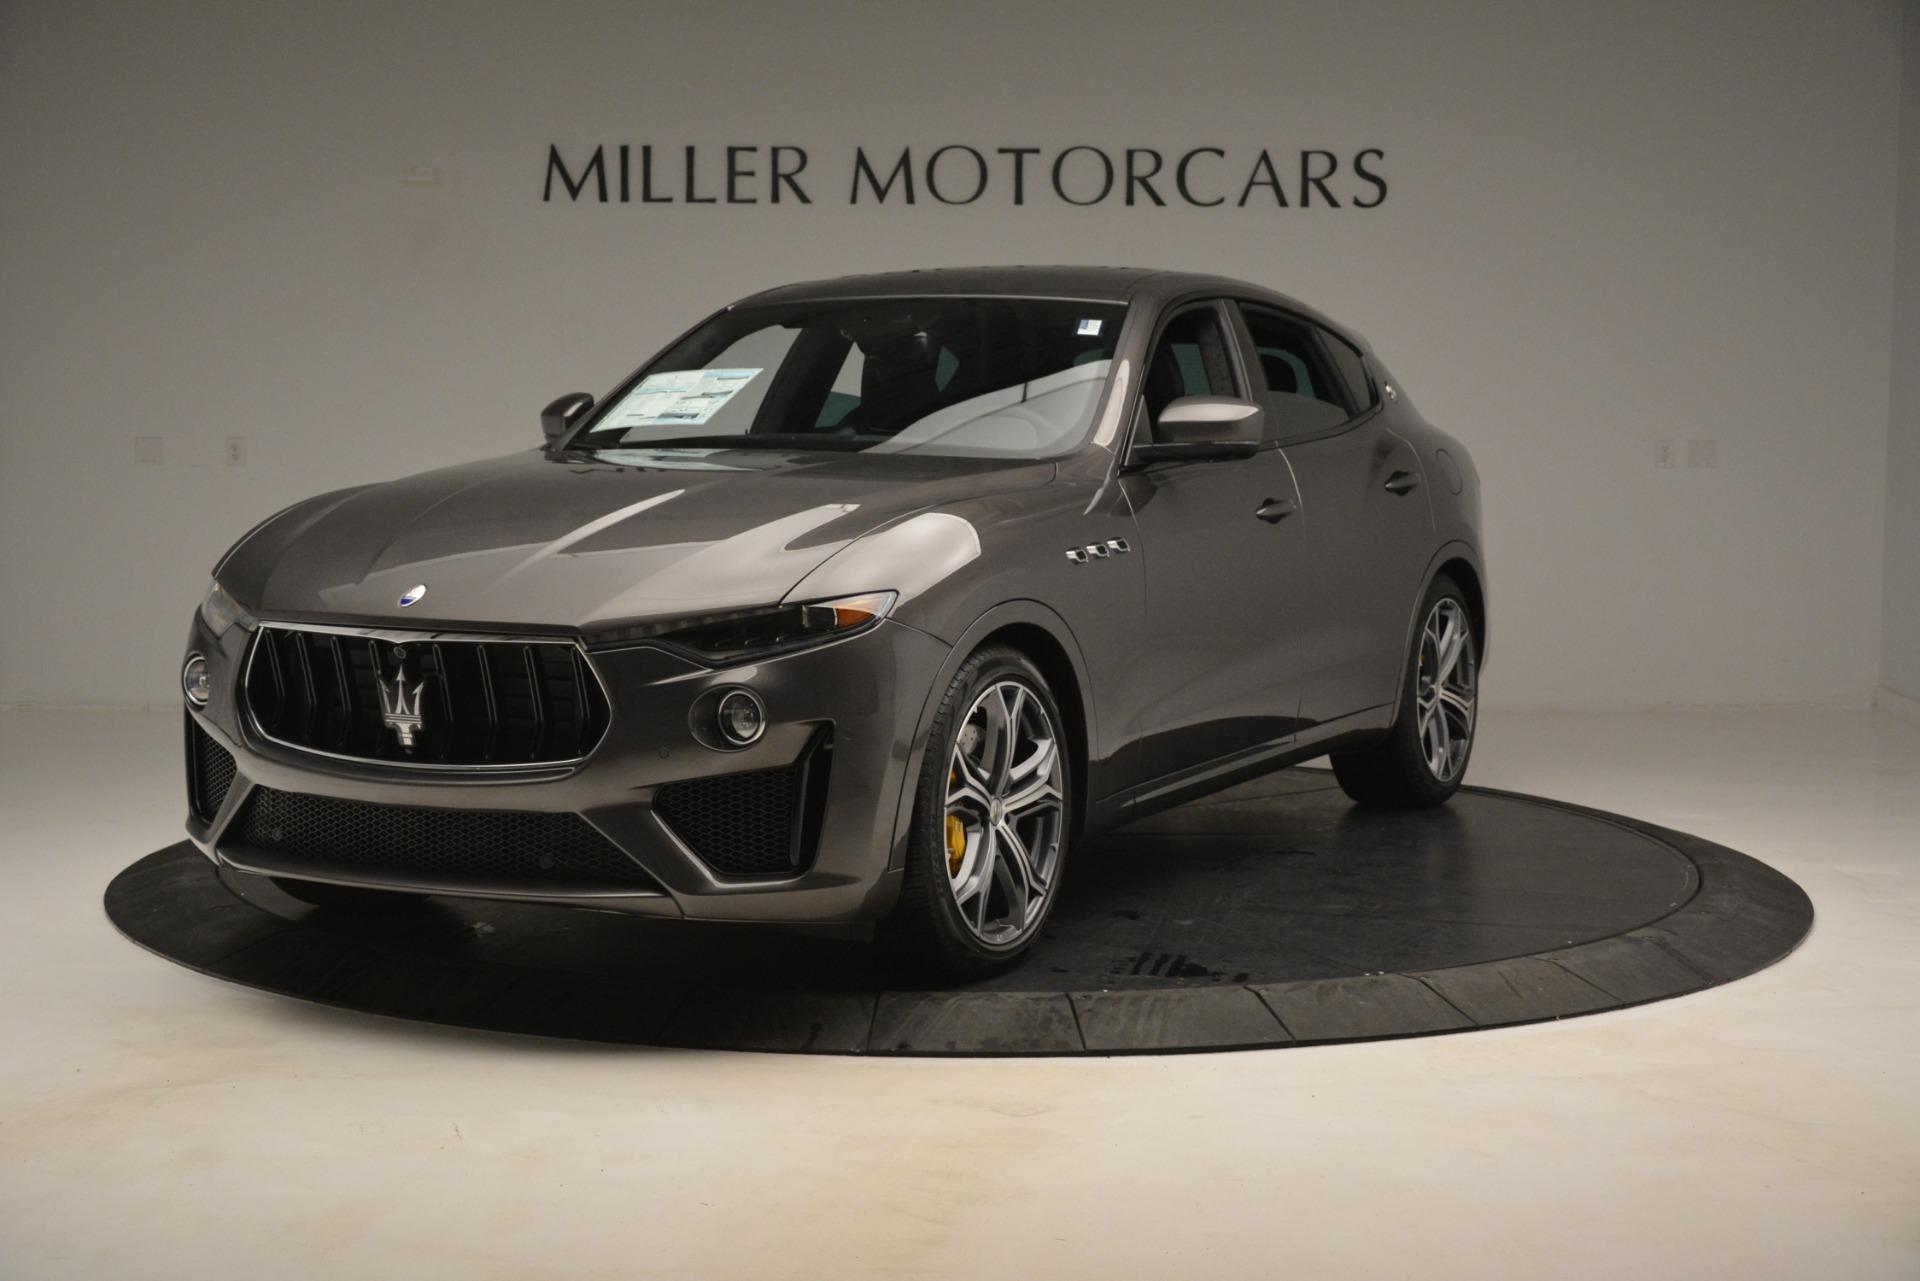 New 2019 Maserati Levante GTS For Sale In Greenwich, CT 3015_main